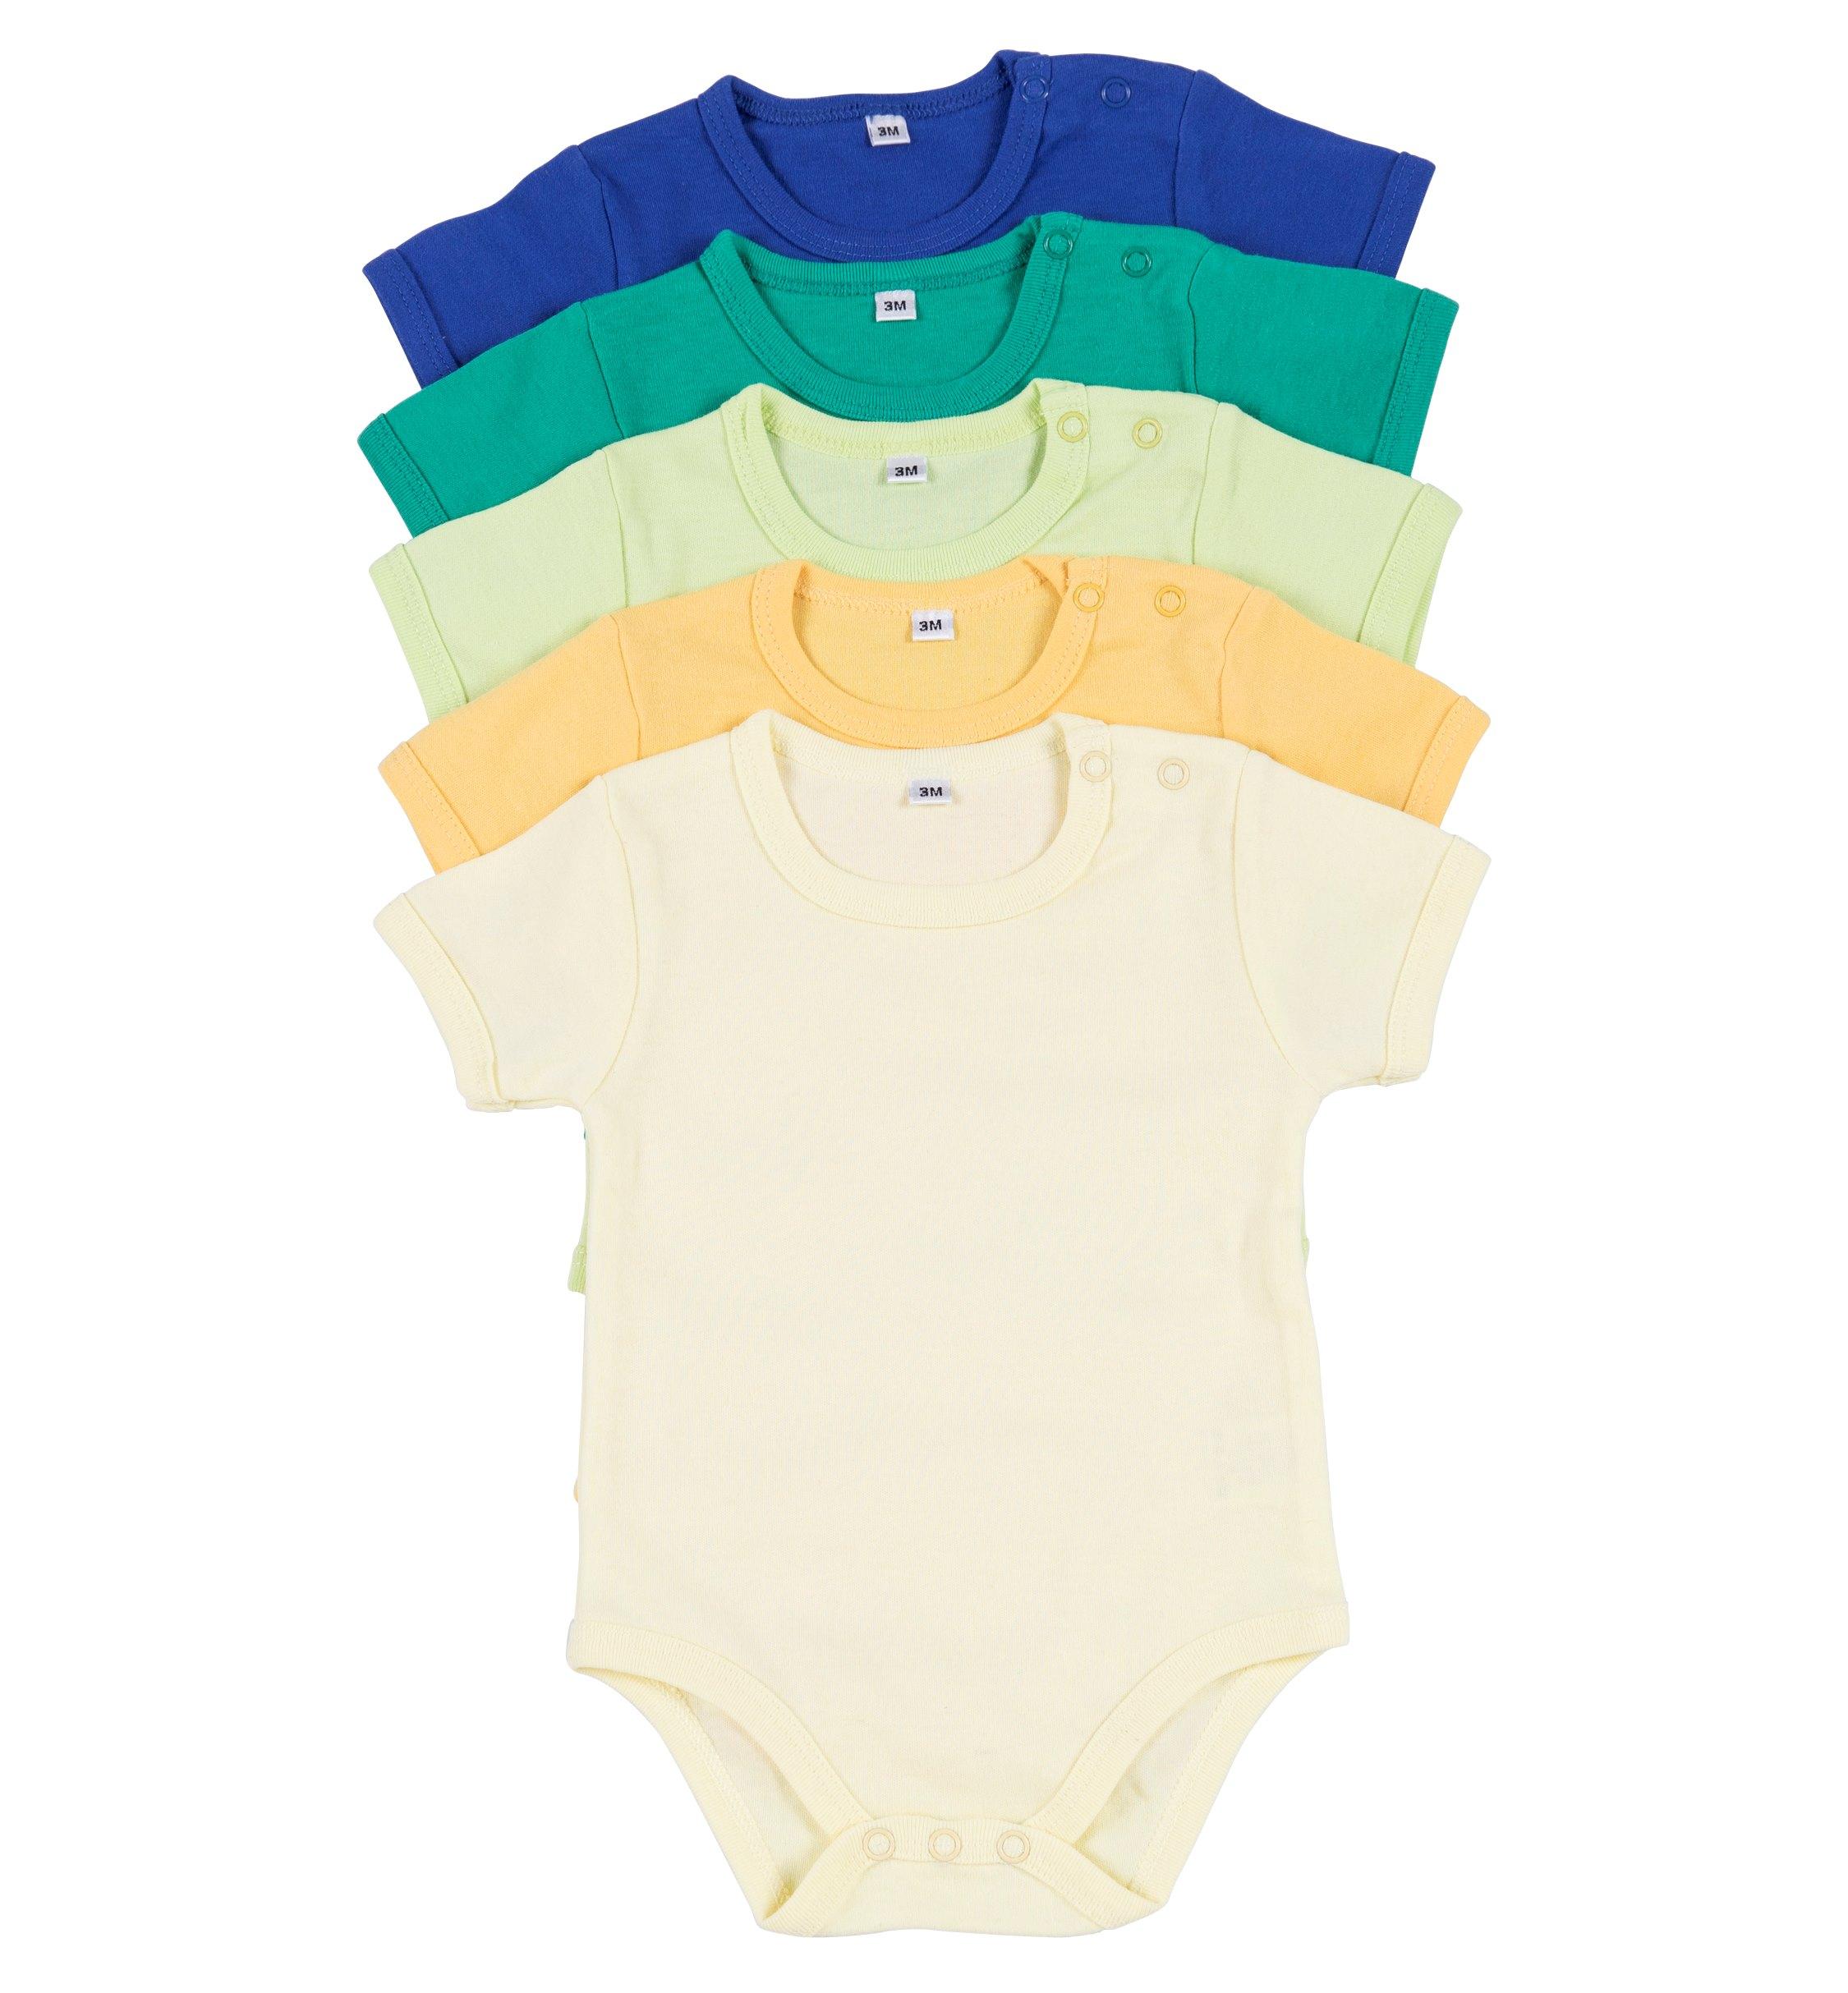 מארז 5 בגדי גוף 9601 רויאל - ירוק - ירוק לימון - צהוב - צהוב בננה